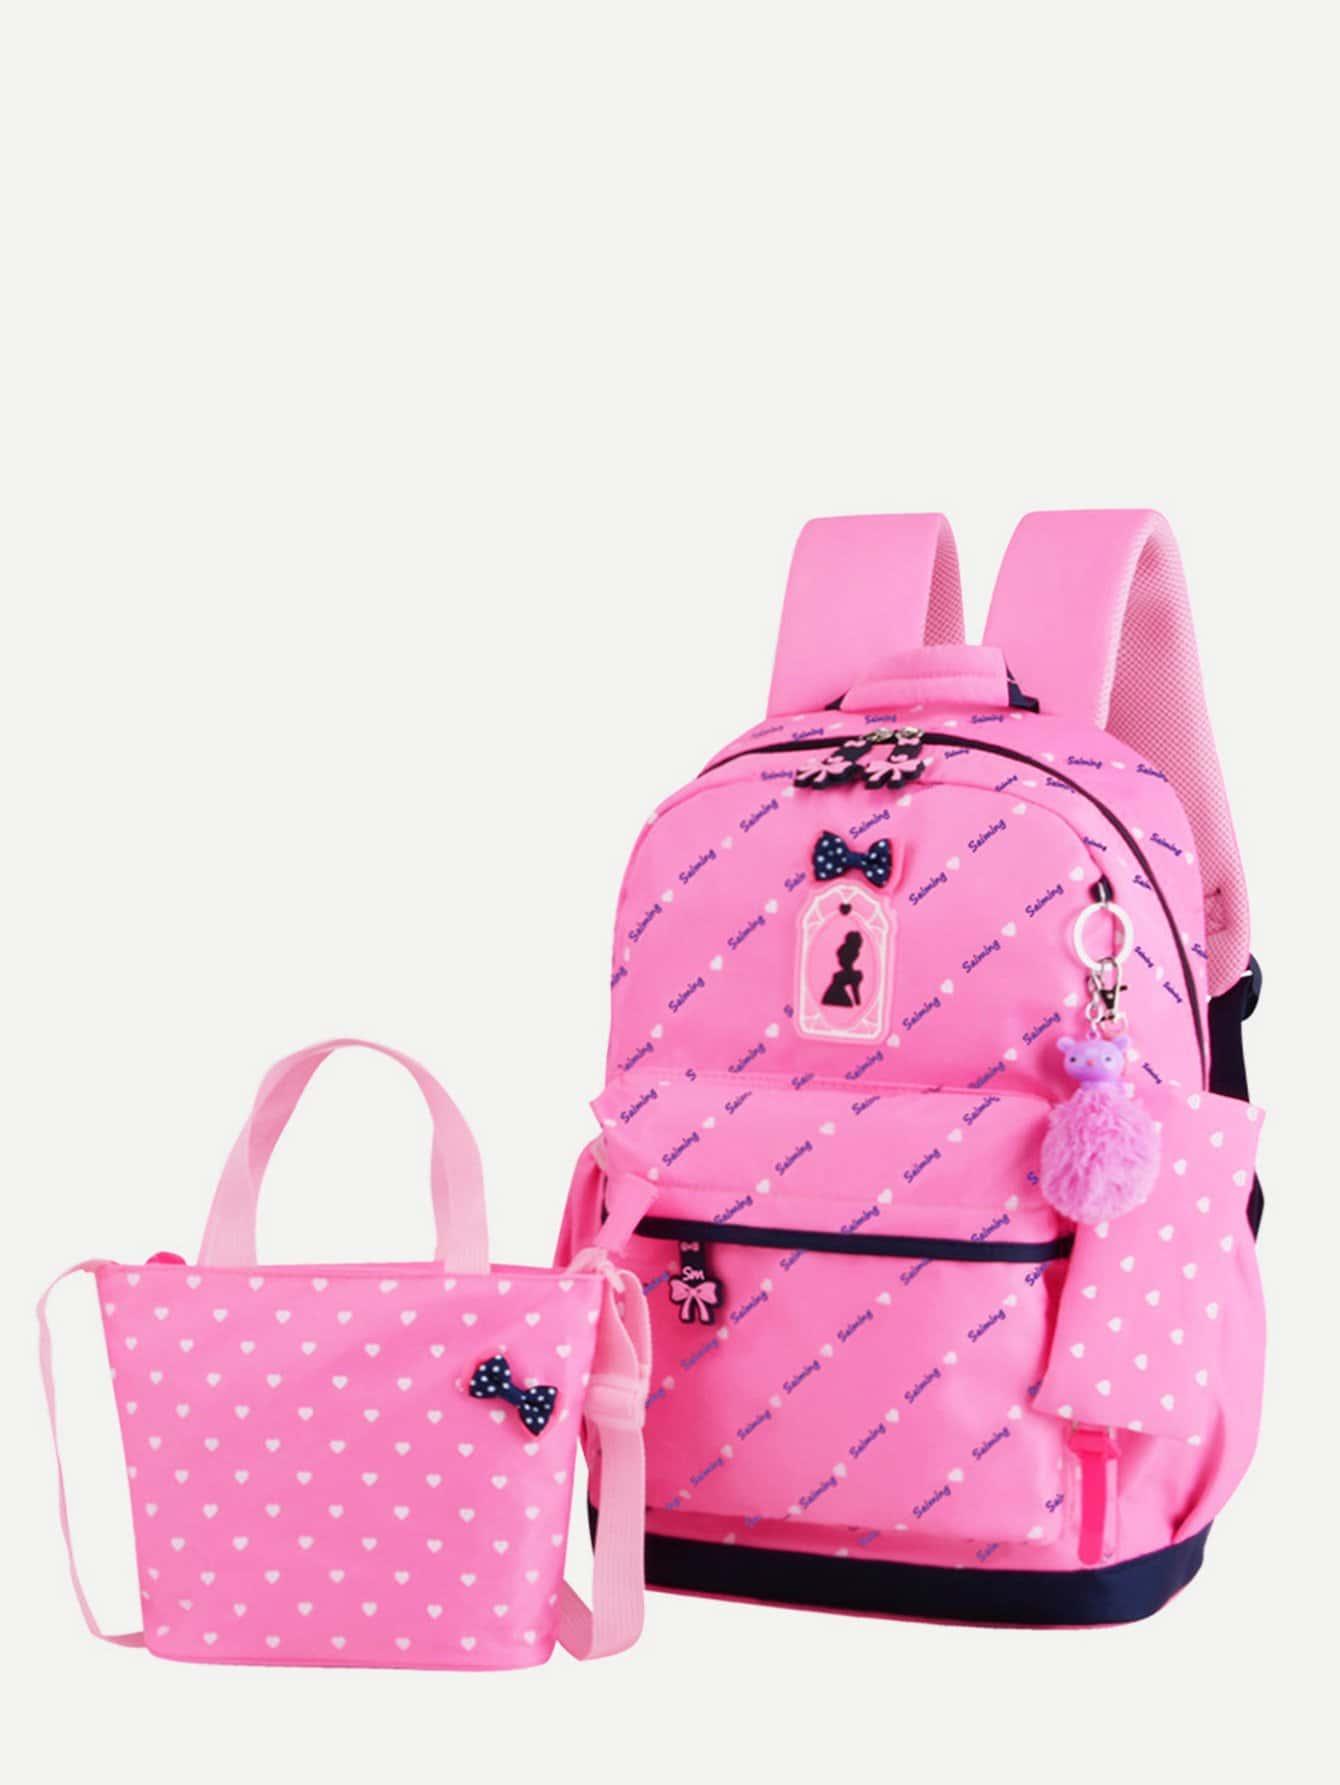 Купить Детский рюкзак с коробкой для карандашей 3шт., null, SheIn